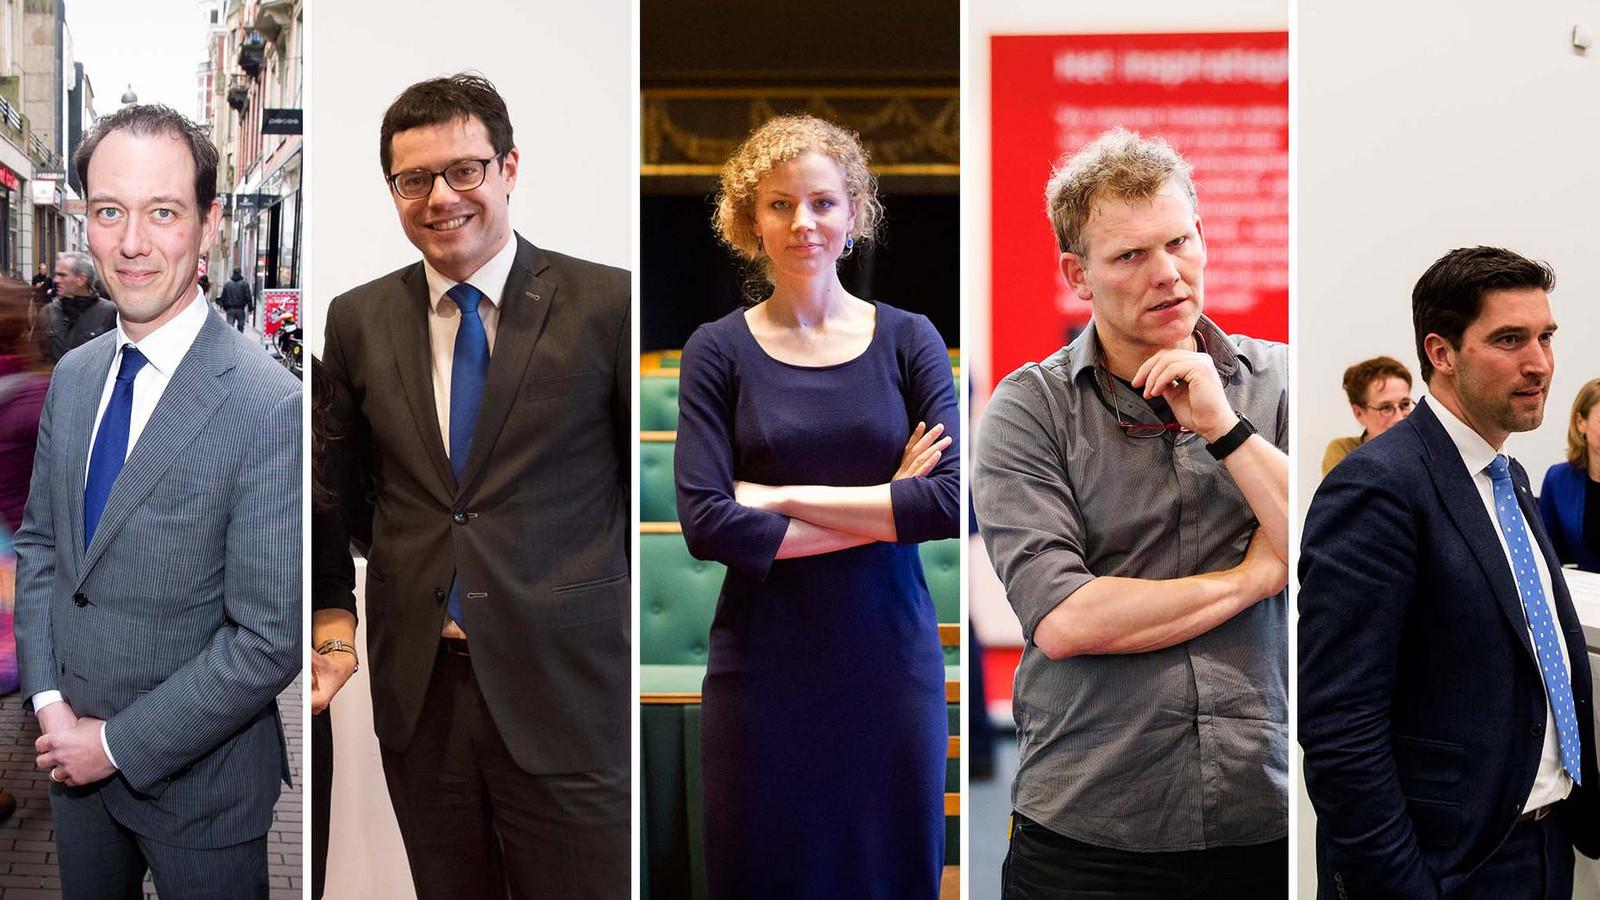 Boudewijn Revis (VVD), Karsten Klein (CDA), Christine Teunissen (PvdD), Joris Wijsmuller (HSP), Robert van Asten (D66)